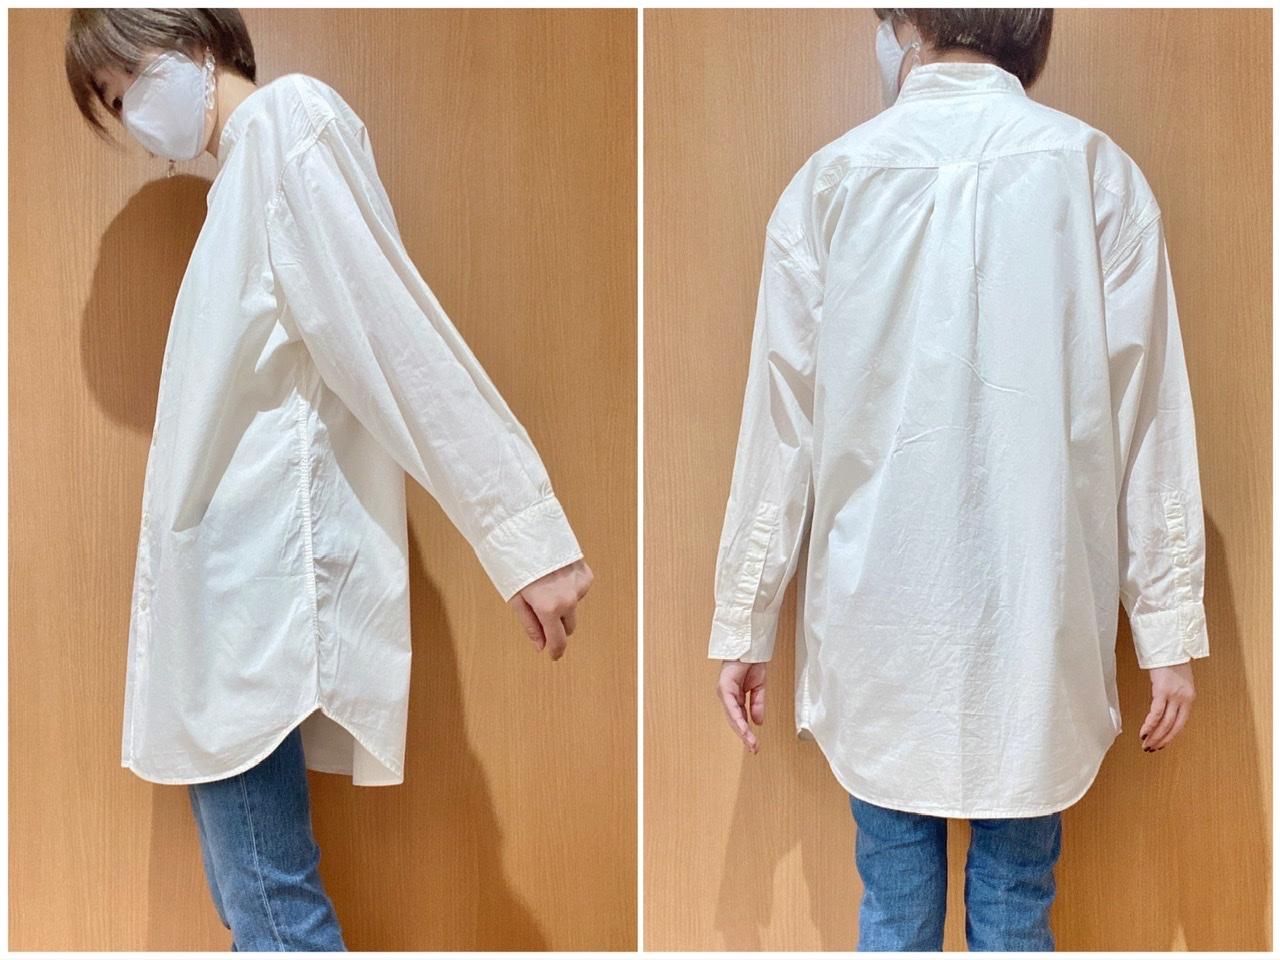 ユニクロユーオーバーサイズシャツのディティール